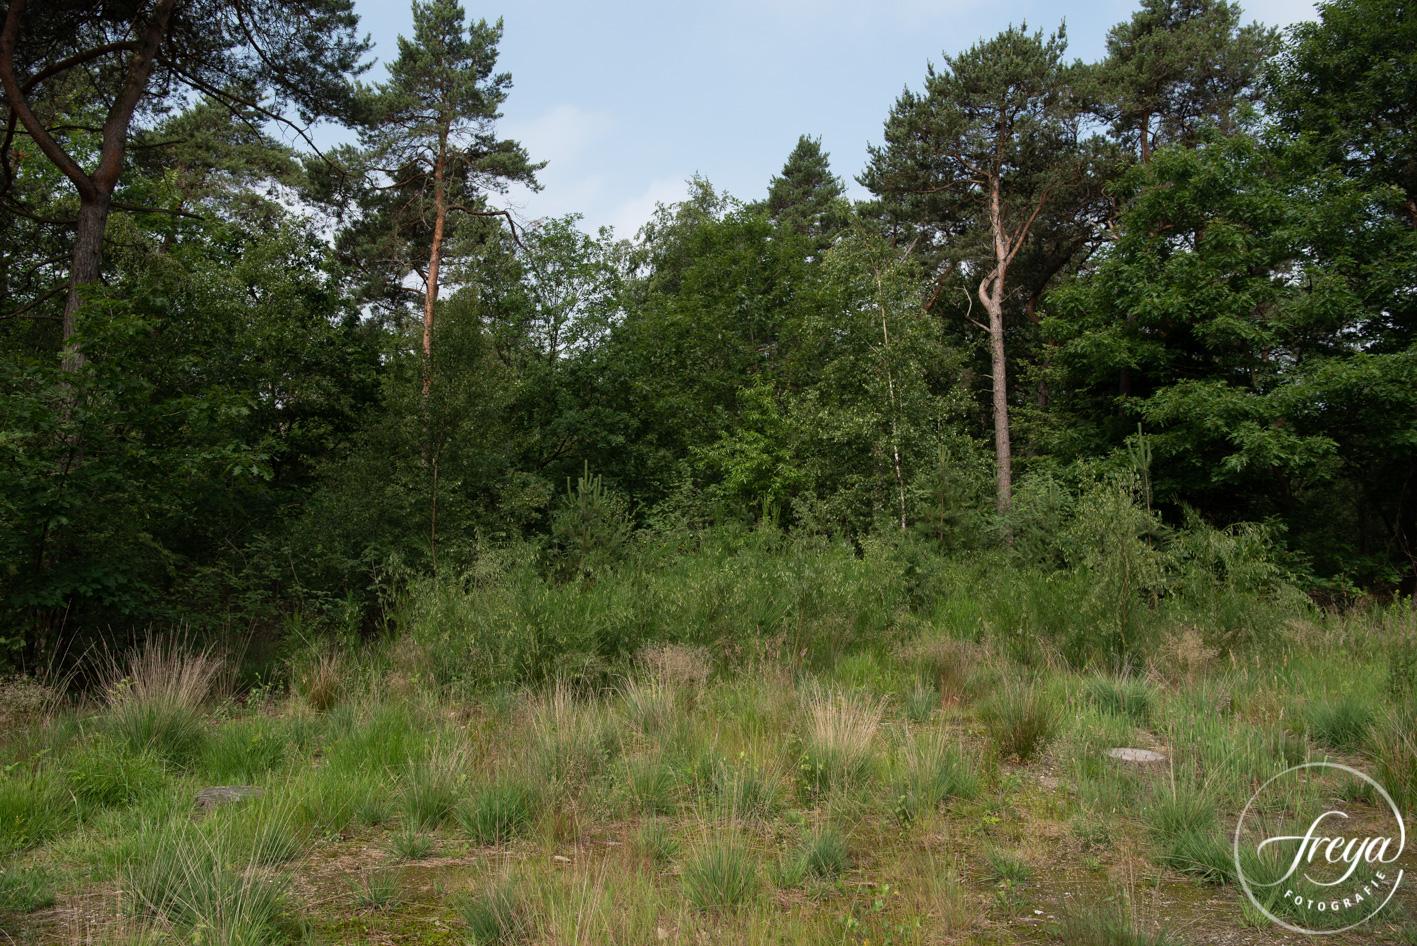 Natuurbegraafplaats Maashorst te Schaik - boomschijven in het gras